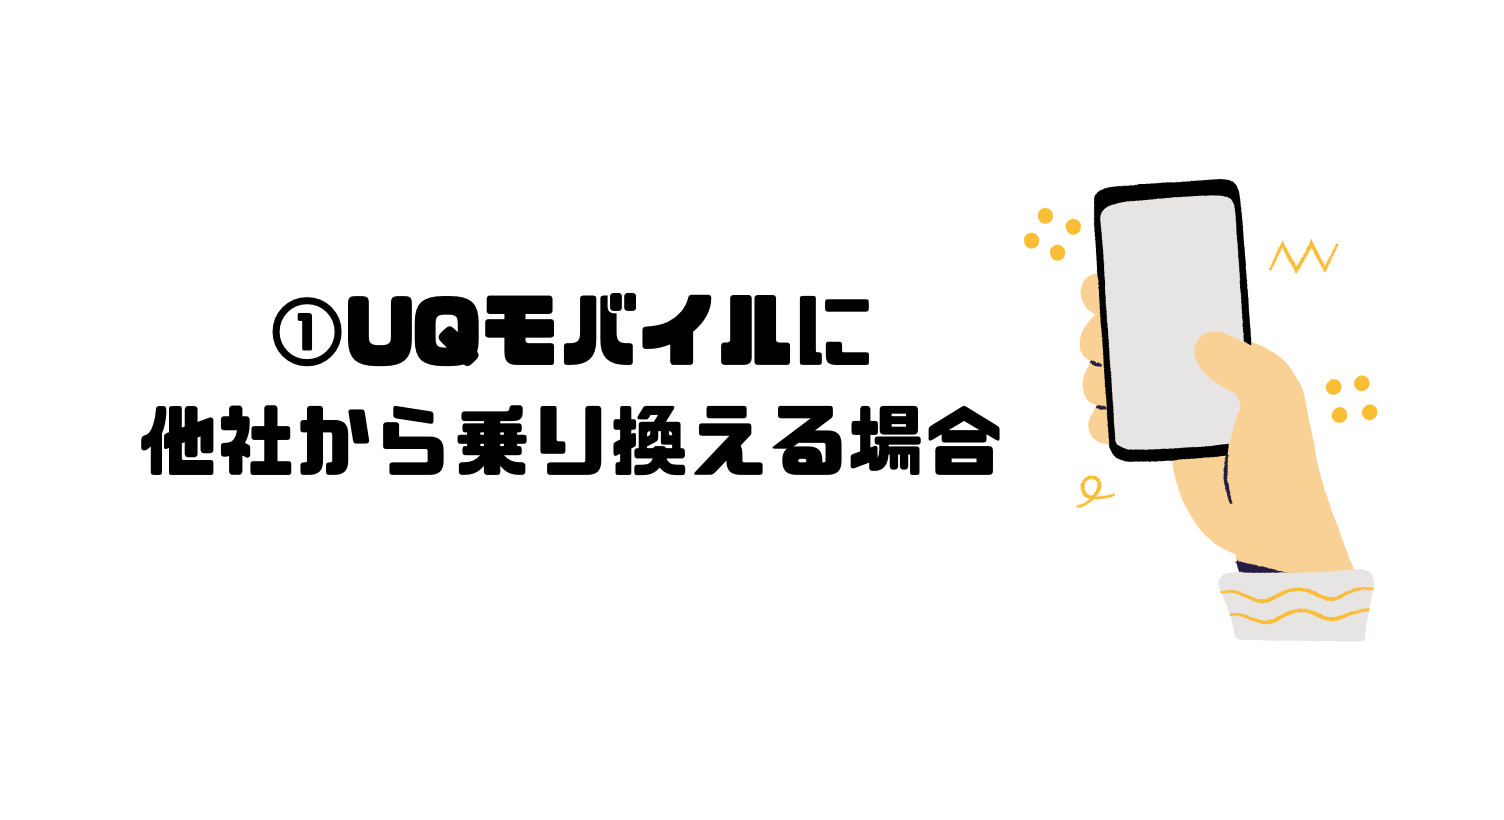 UQモバイル_口コミ_評判_乗り換え_他社から